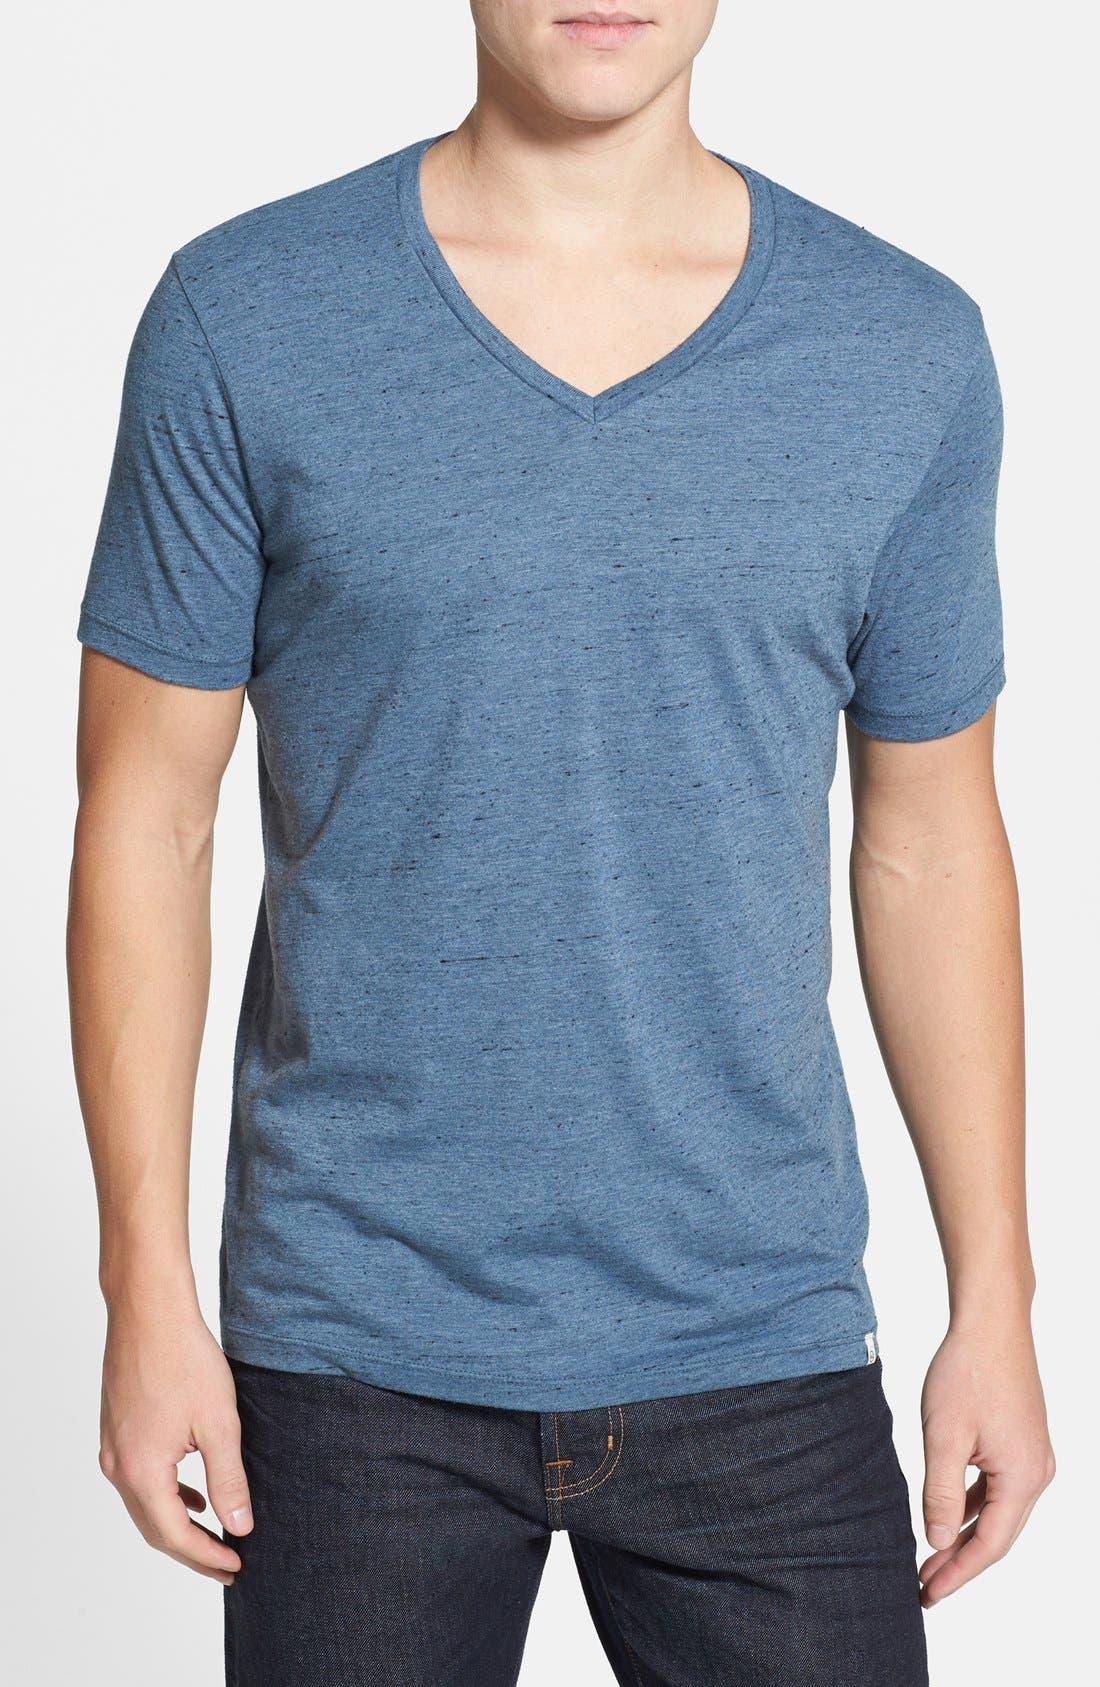 Alternate Image 1 Selected - AG Triblend V-Neck T-Shirt